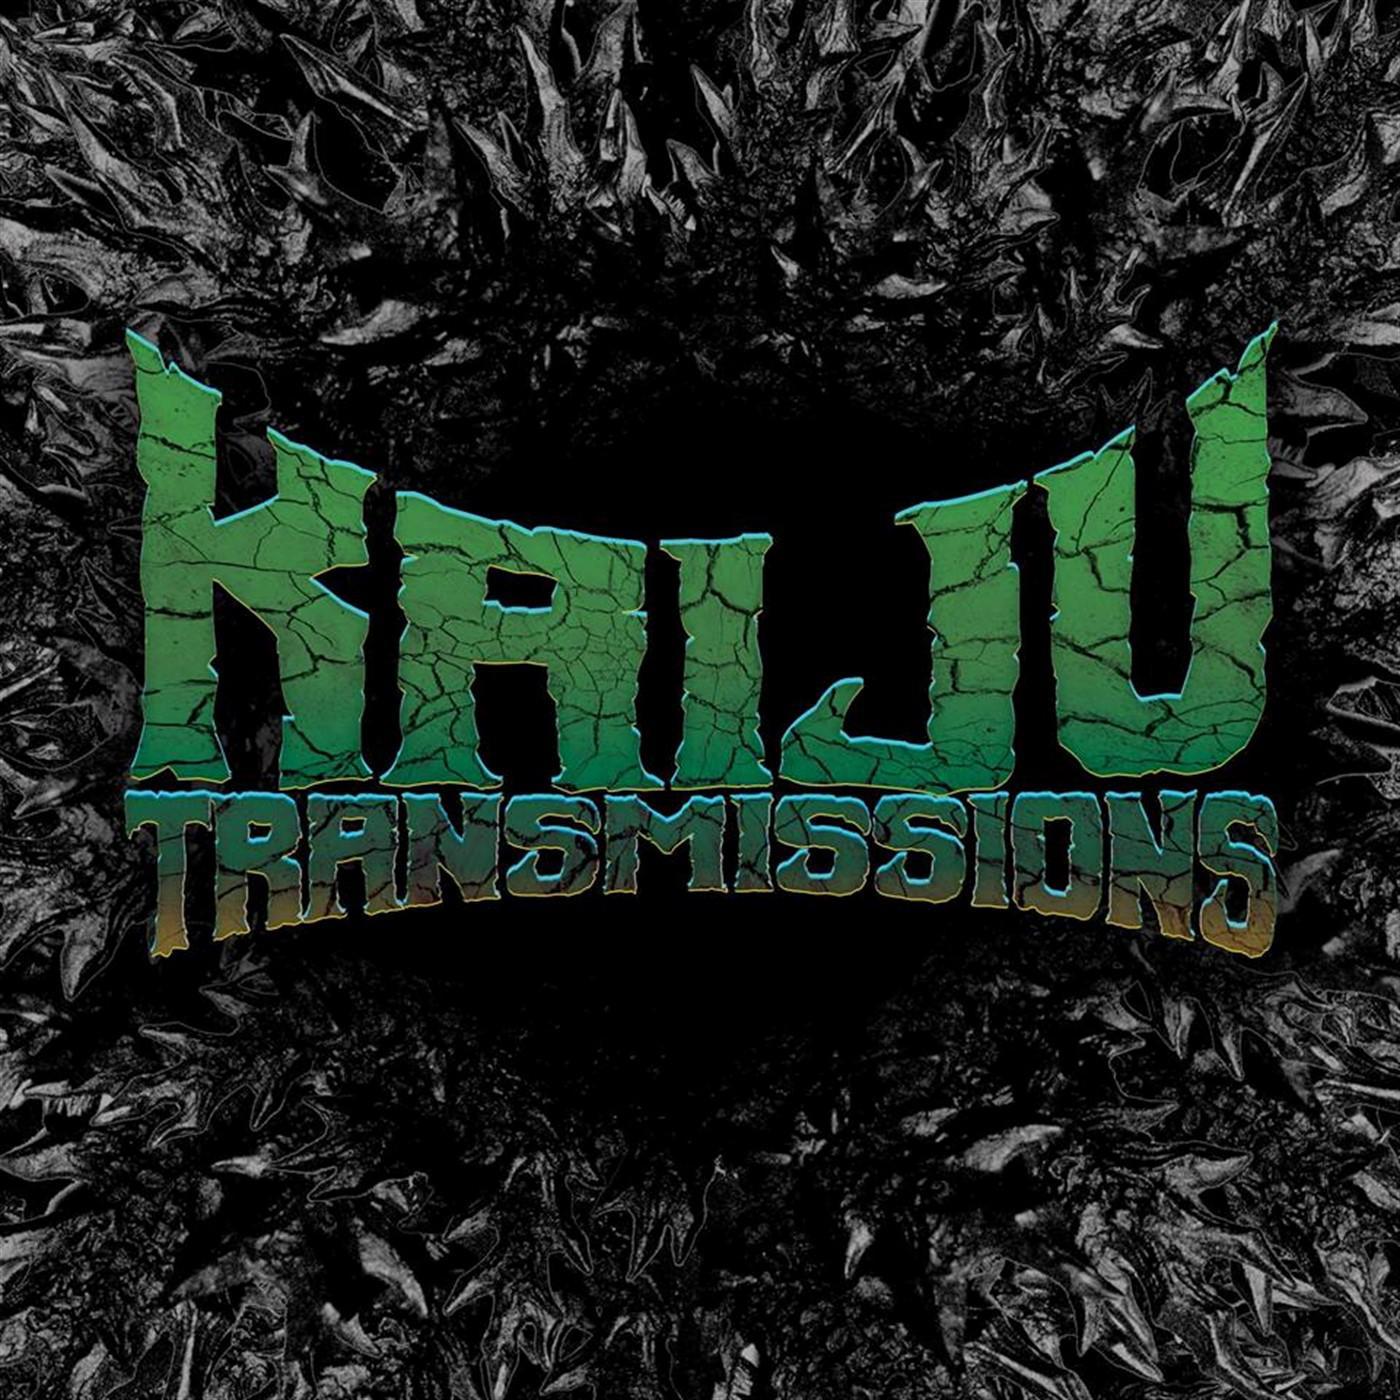 The Kaiju Transmissions Podcast - Kaiju Transmissions